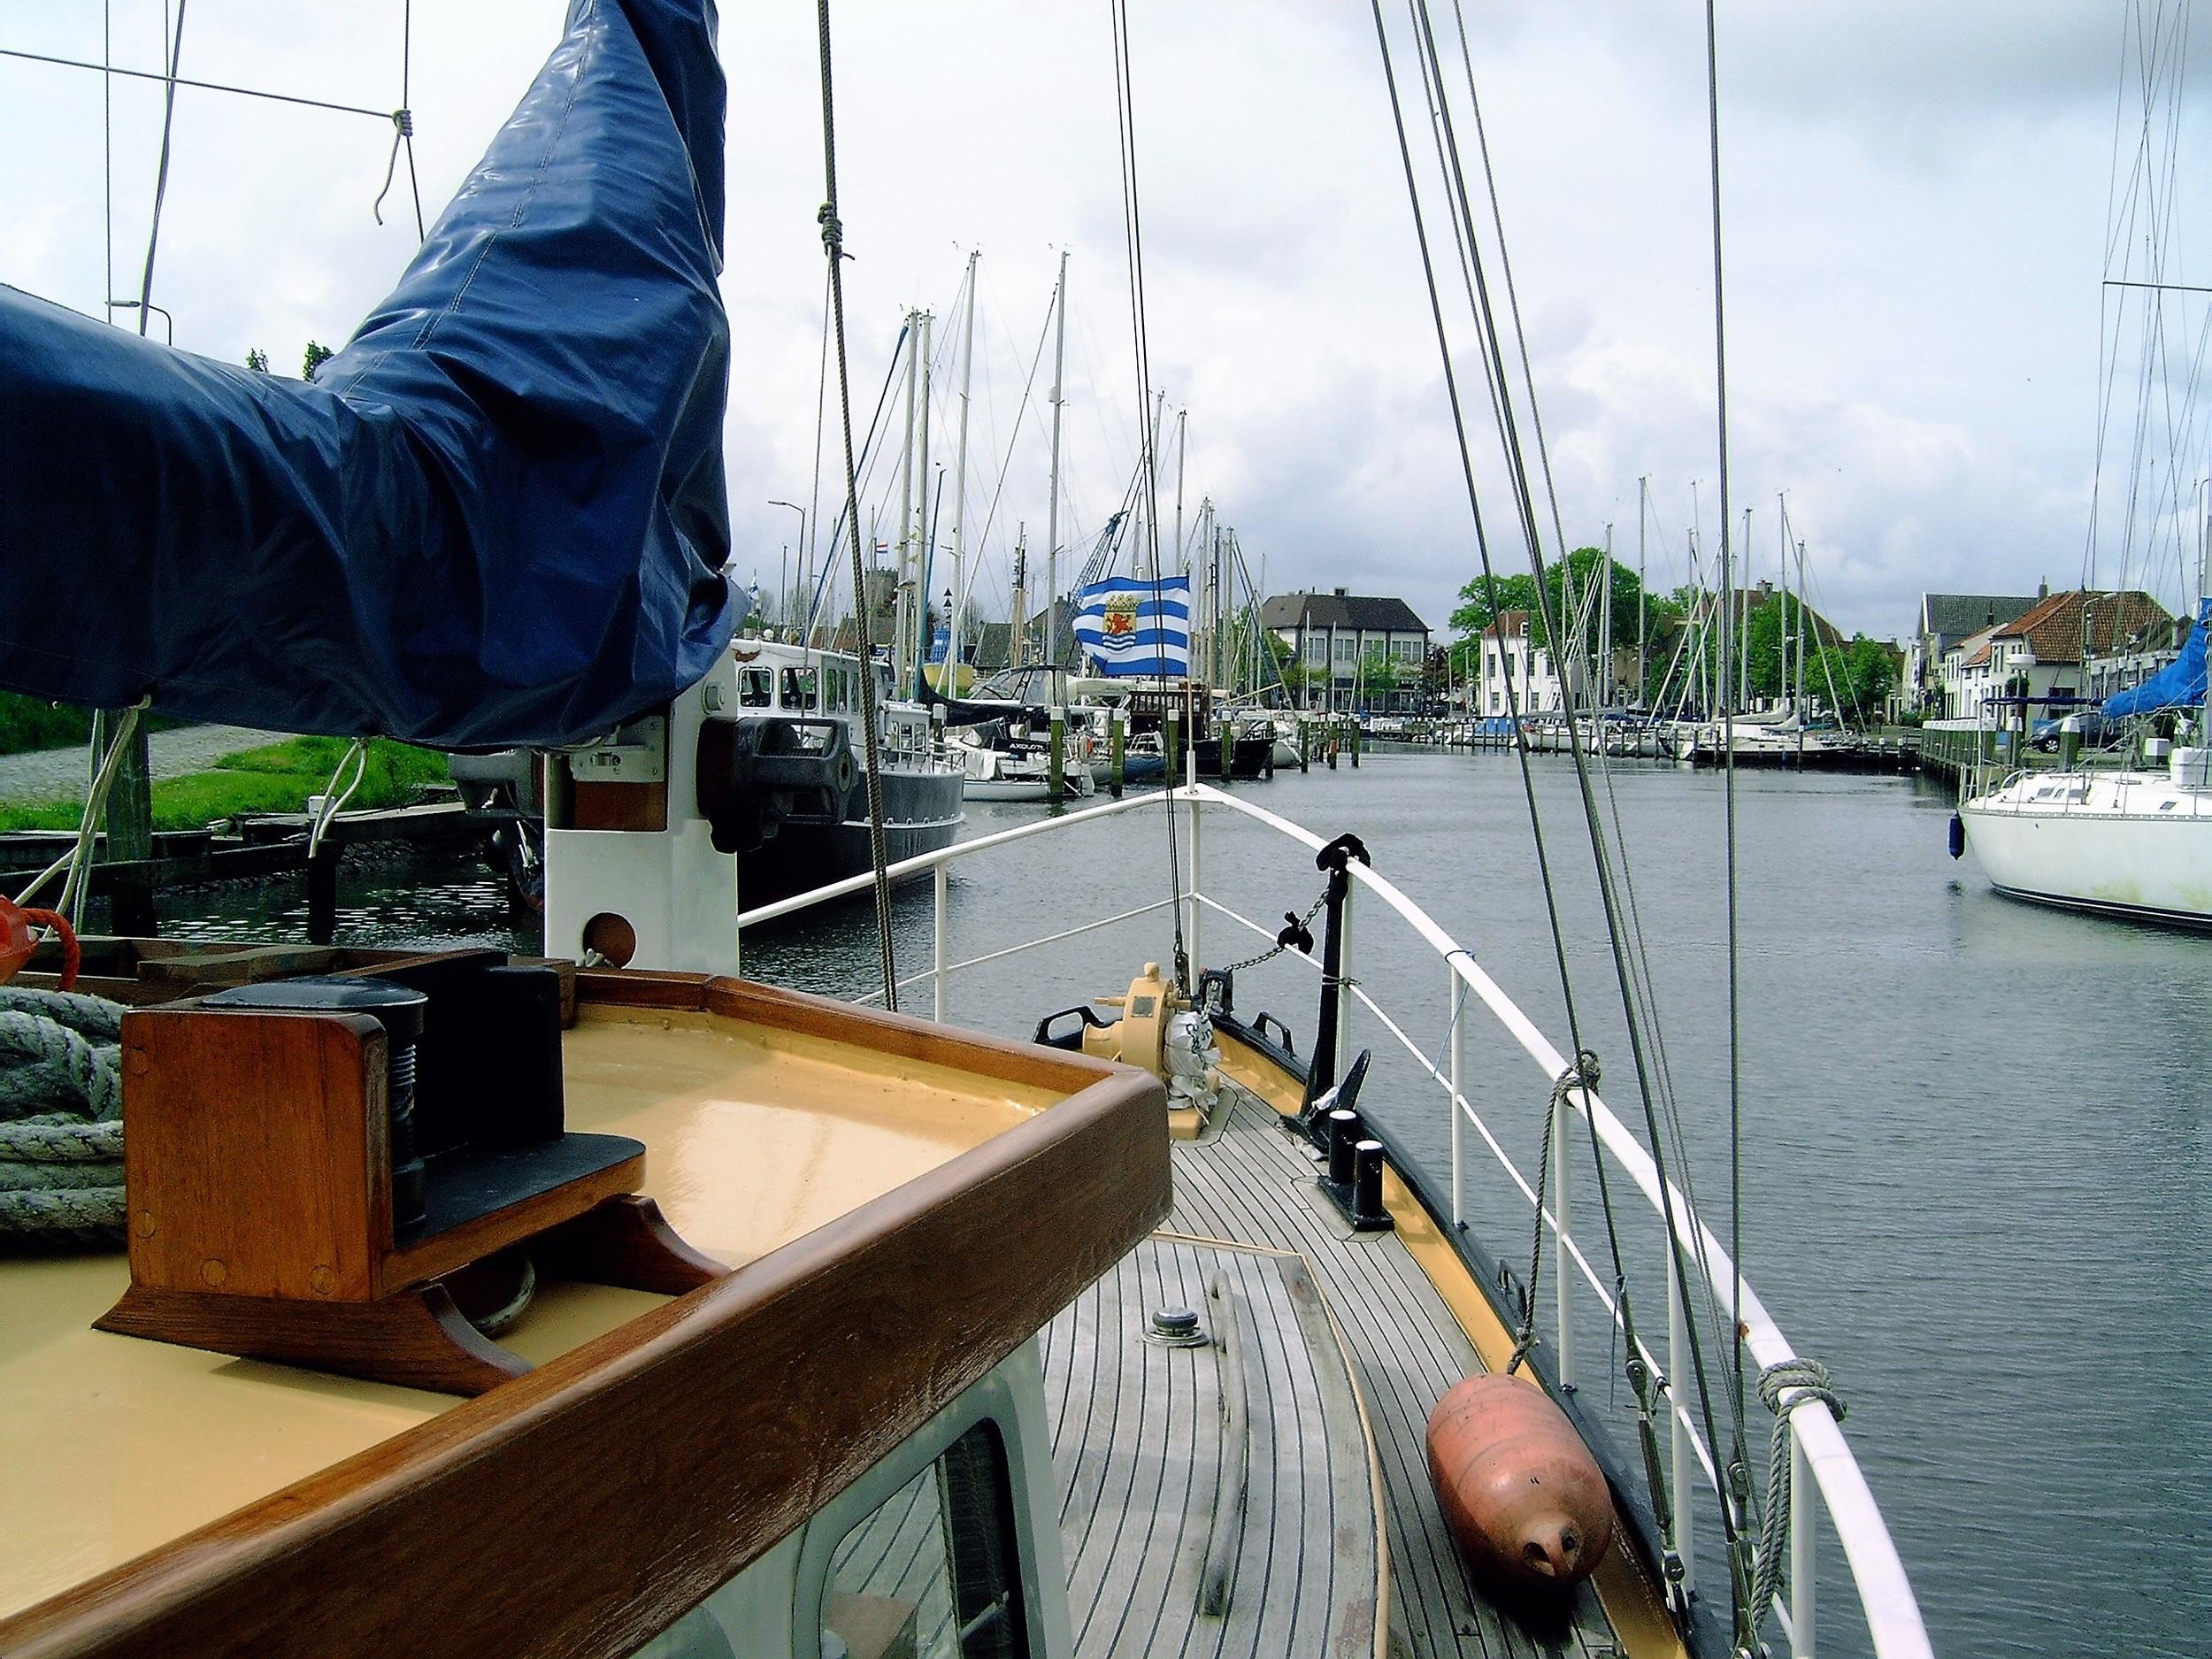 Kajuitzeilboten en Zeiljachten Super Scheldeschouw Met Campagnedek foto 8